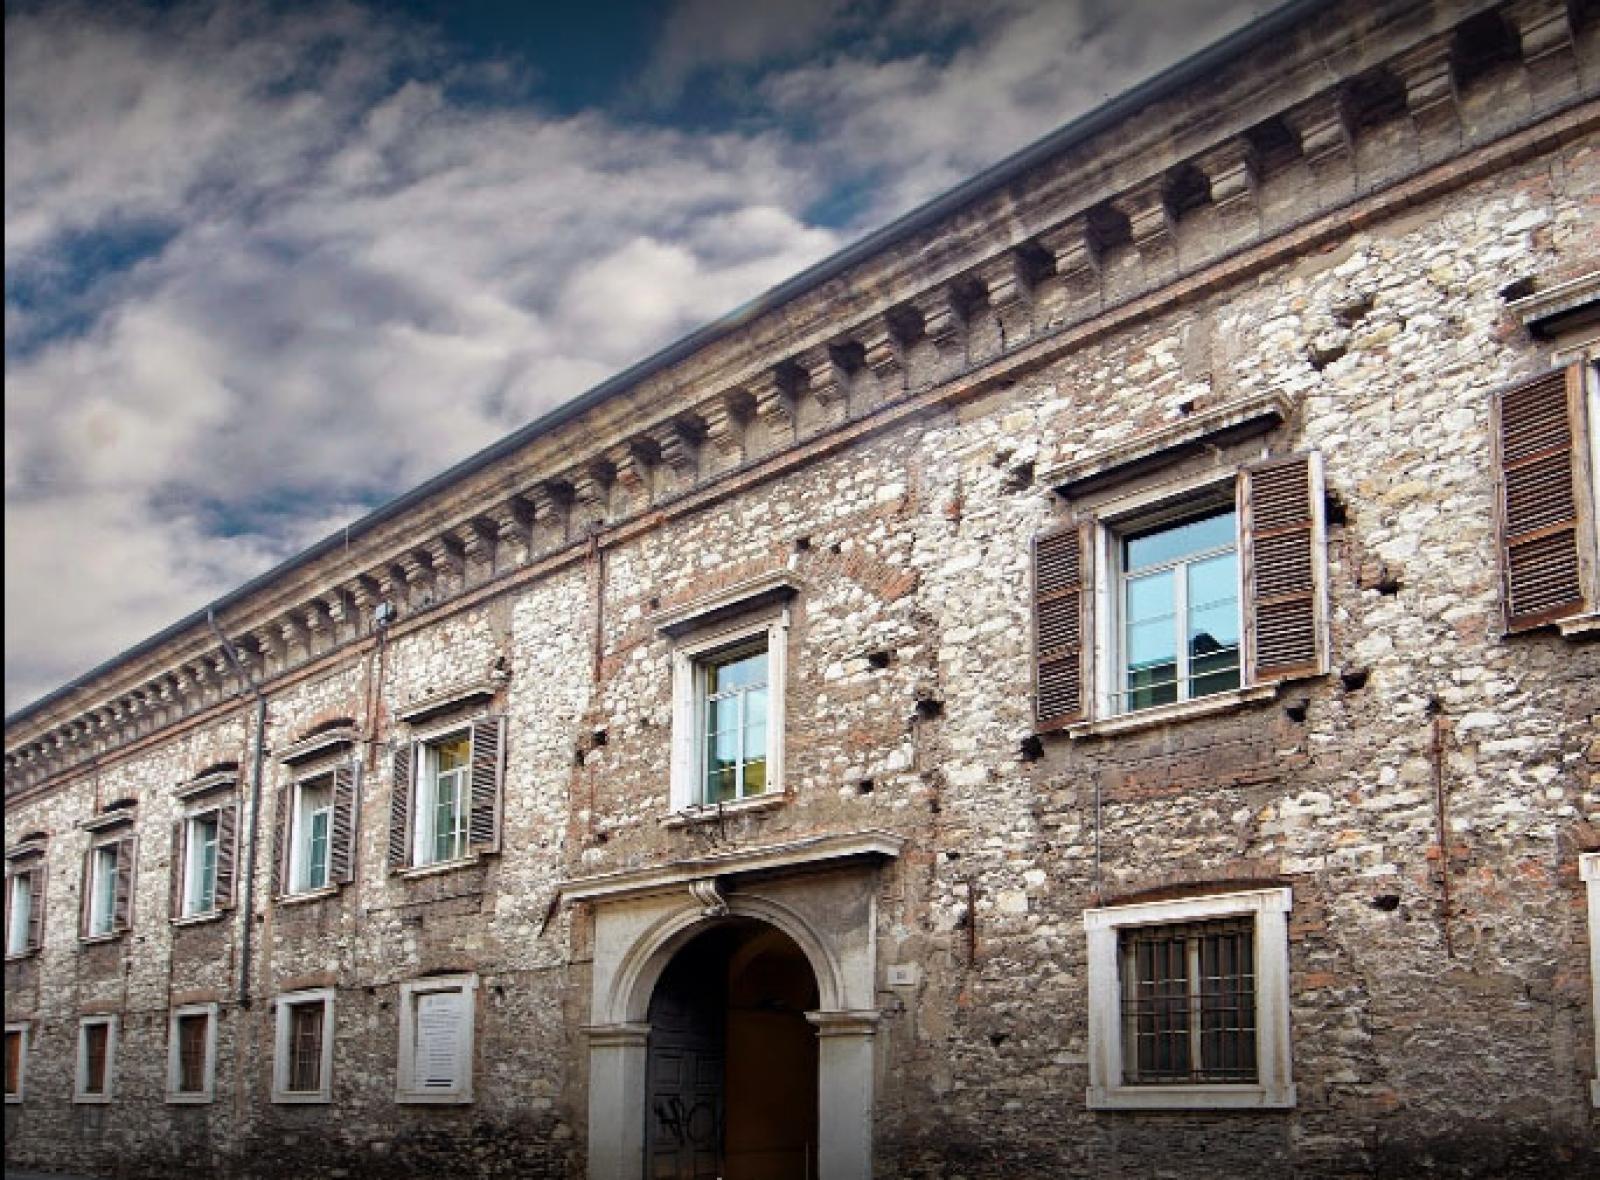 Ordine Architetti Brescia Lavoro l'ordine degli architetti si rinnova | libri & giornali